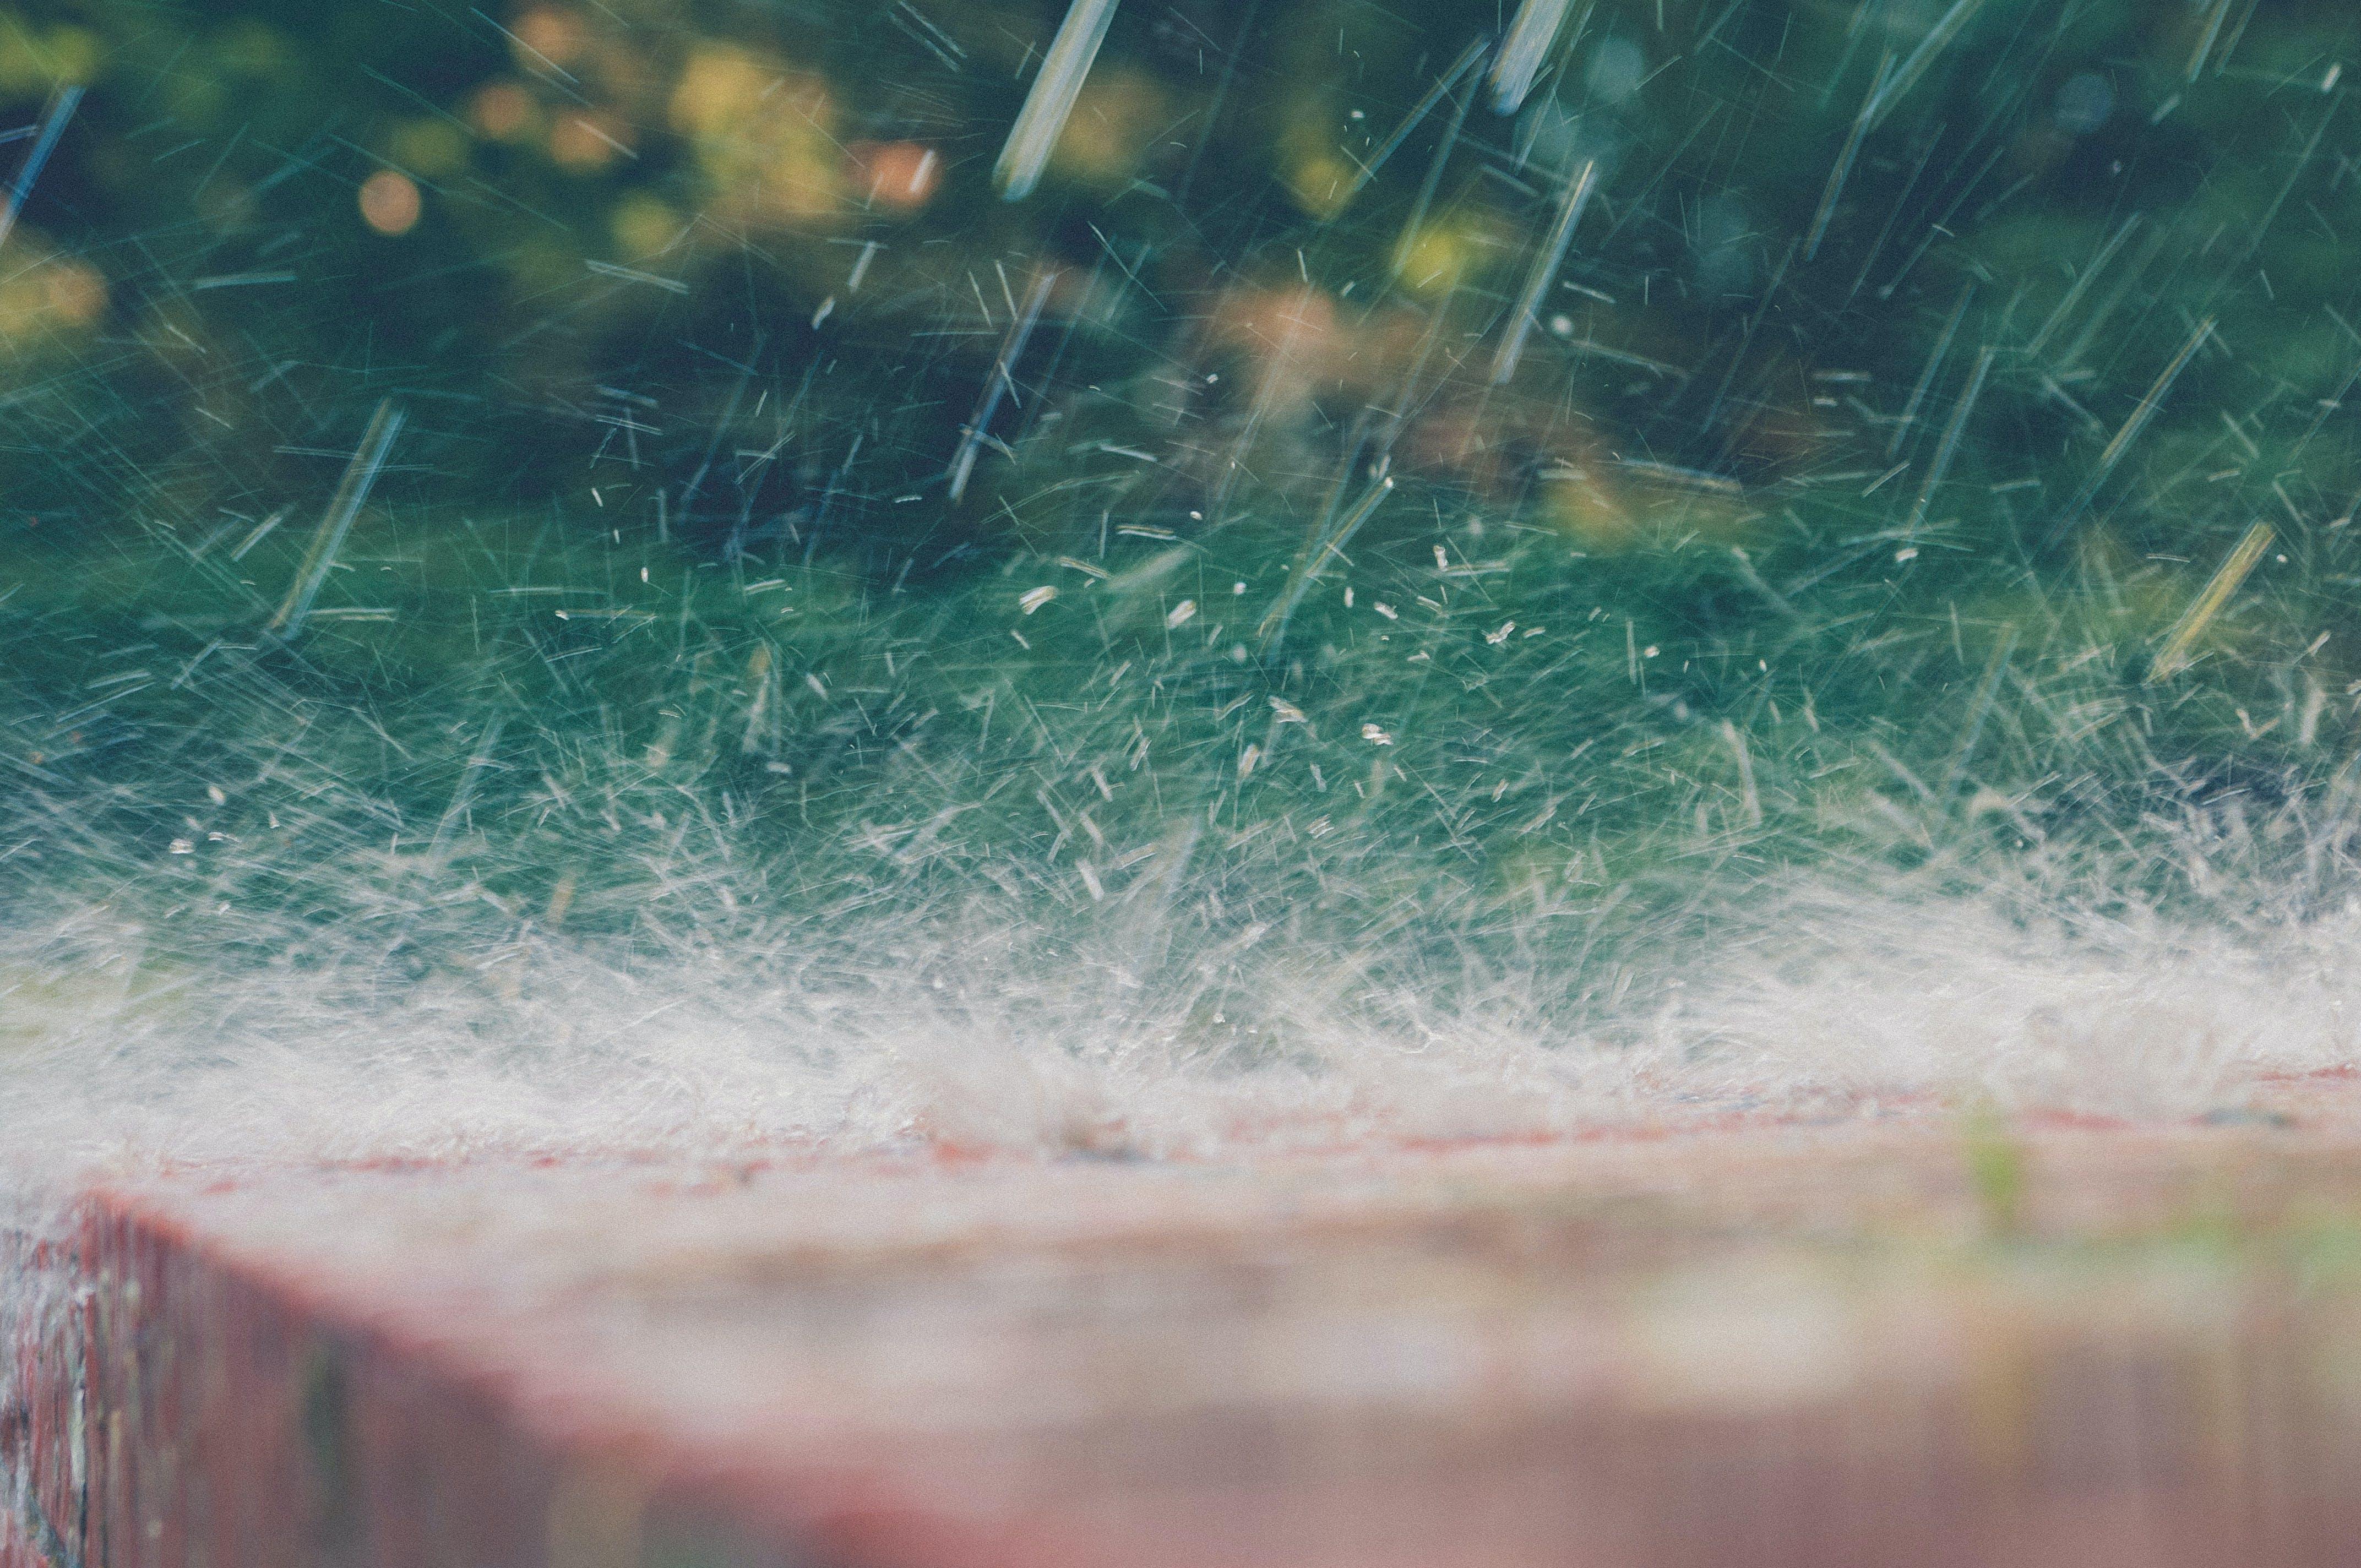 Kostenloses Stock Foto zu nahansicht, regen, spritzen, wasser